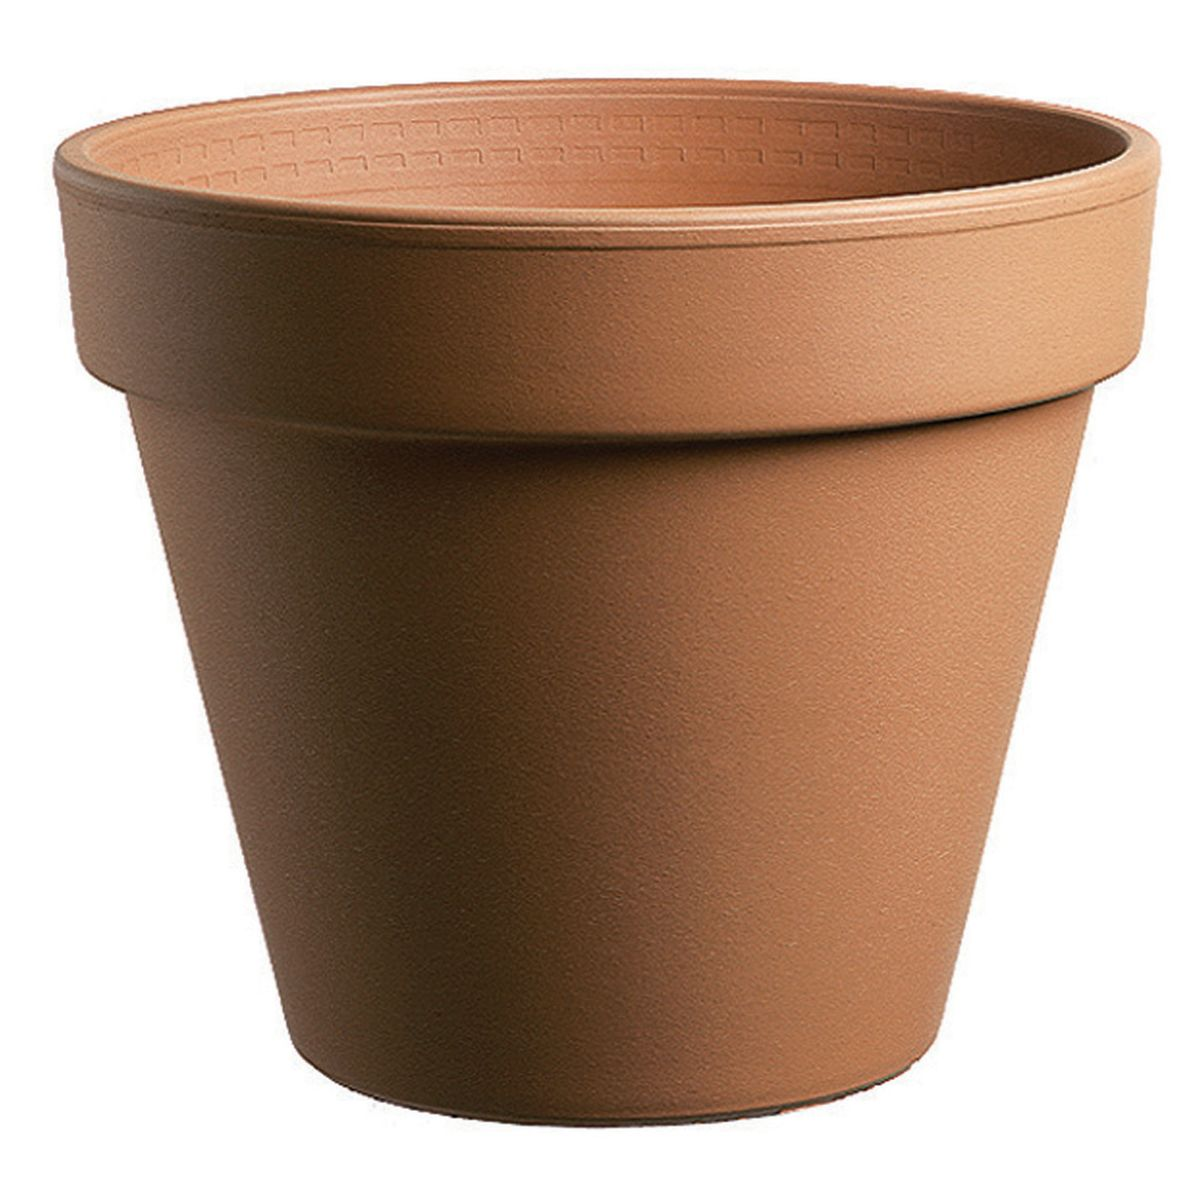 Vasi in ceramica da giardino: prezzi | Leroy Merlin